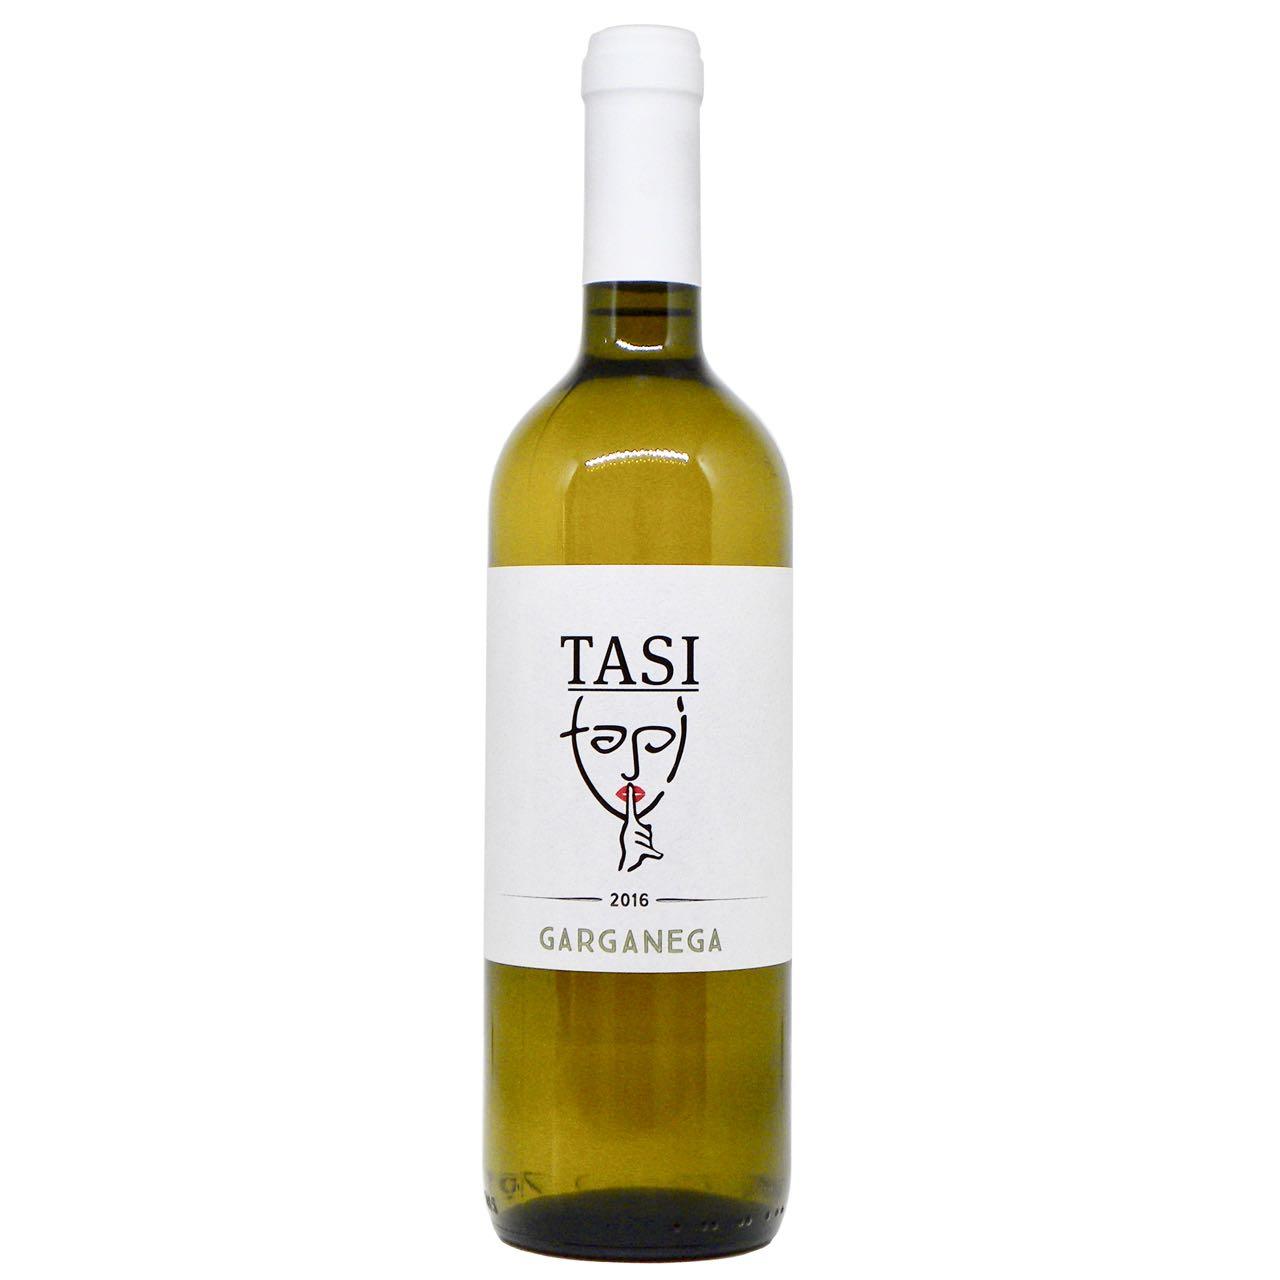 Garganega vino TASI – Garganega Italian wine TASI – Gustorotondo Italian food boutique – I migliori cibi online – Best Italian foods online – spesa online